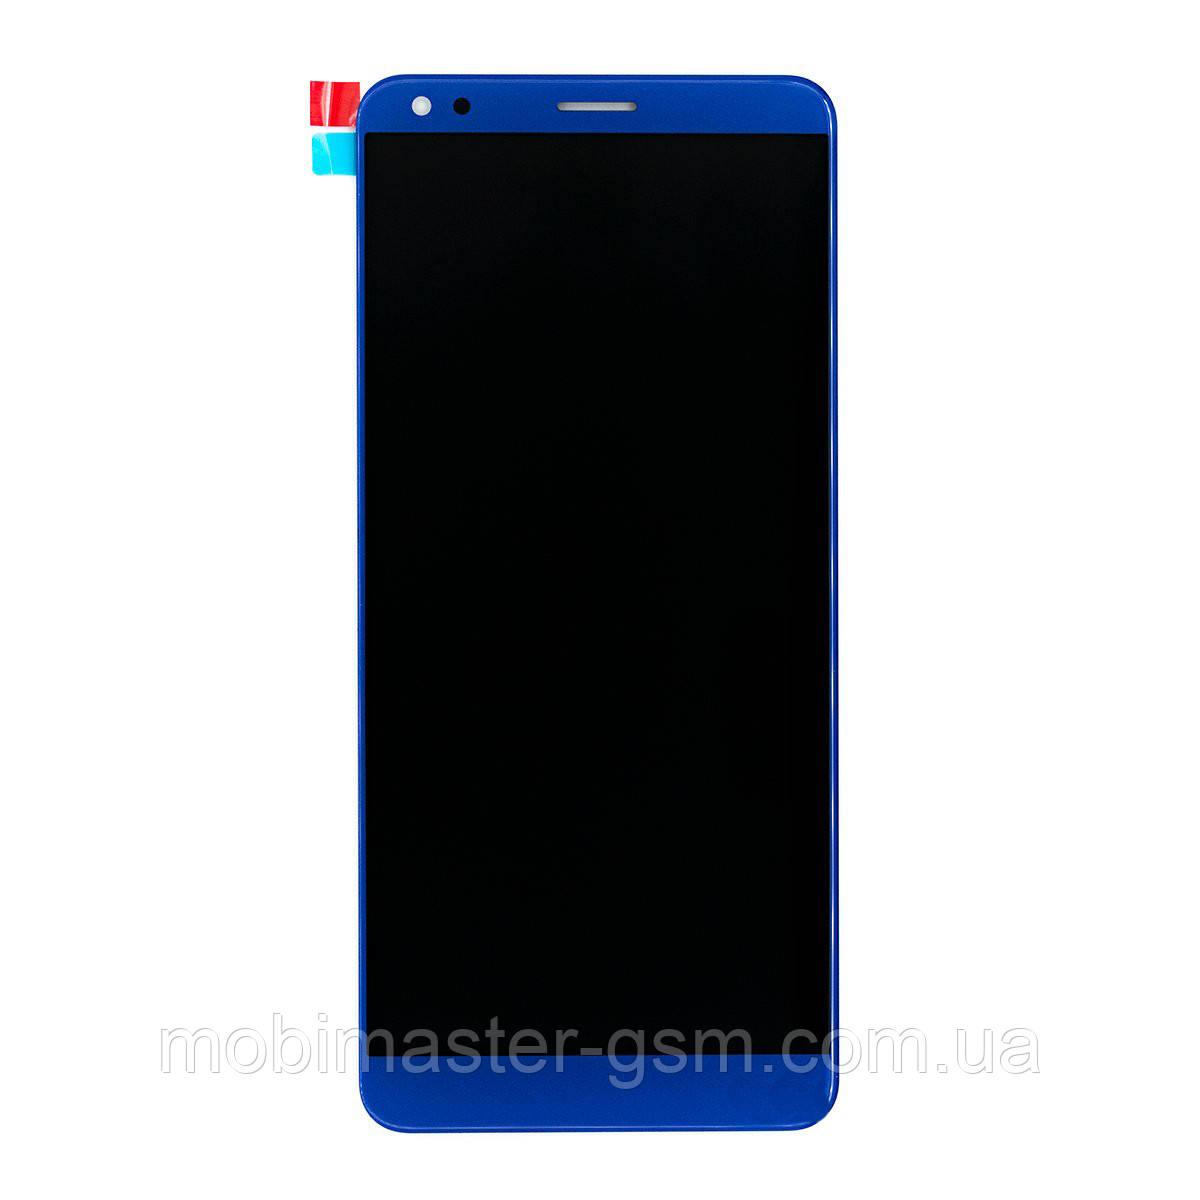 Дисплейный модуль ZTE Blade V9 blue